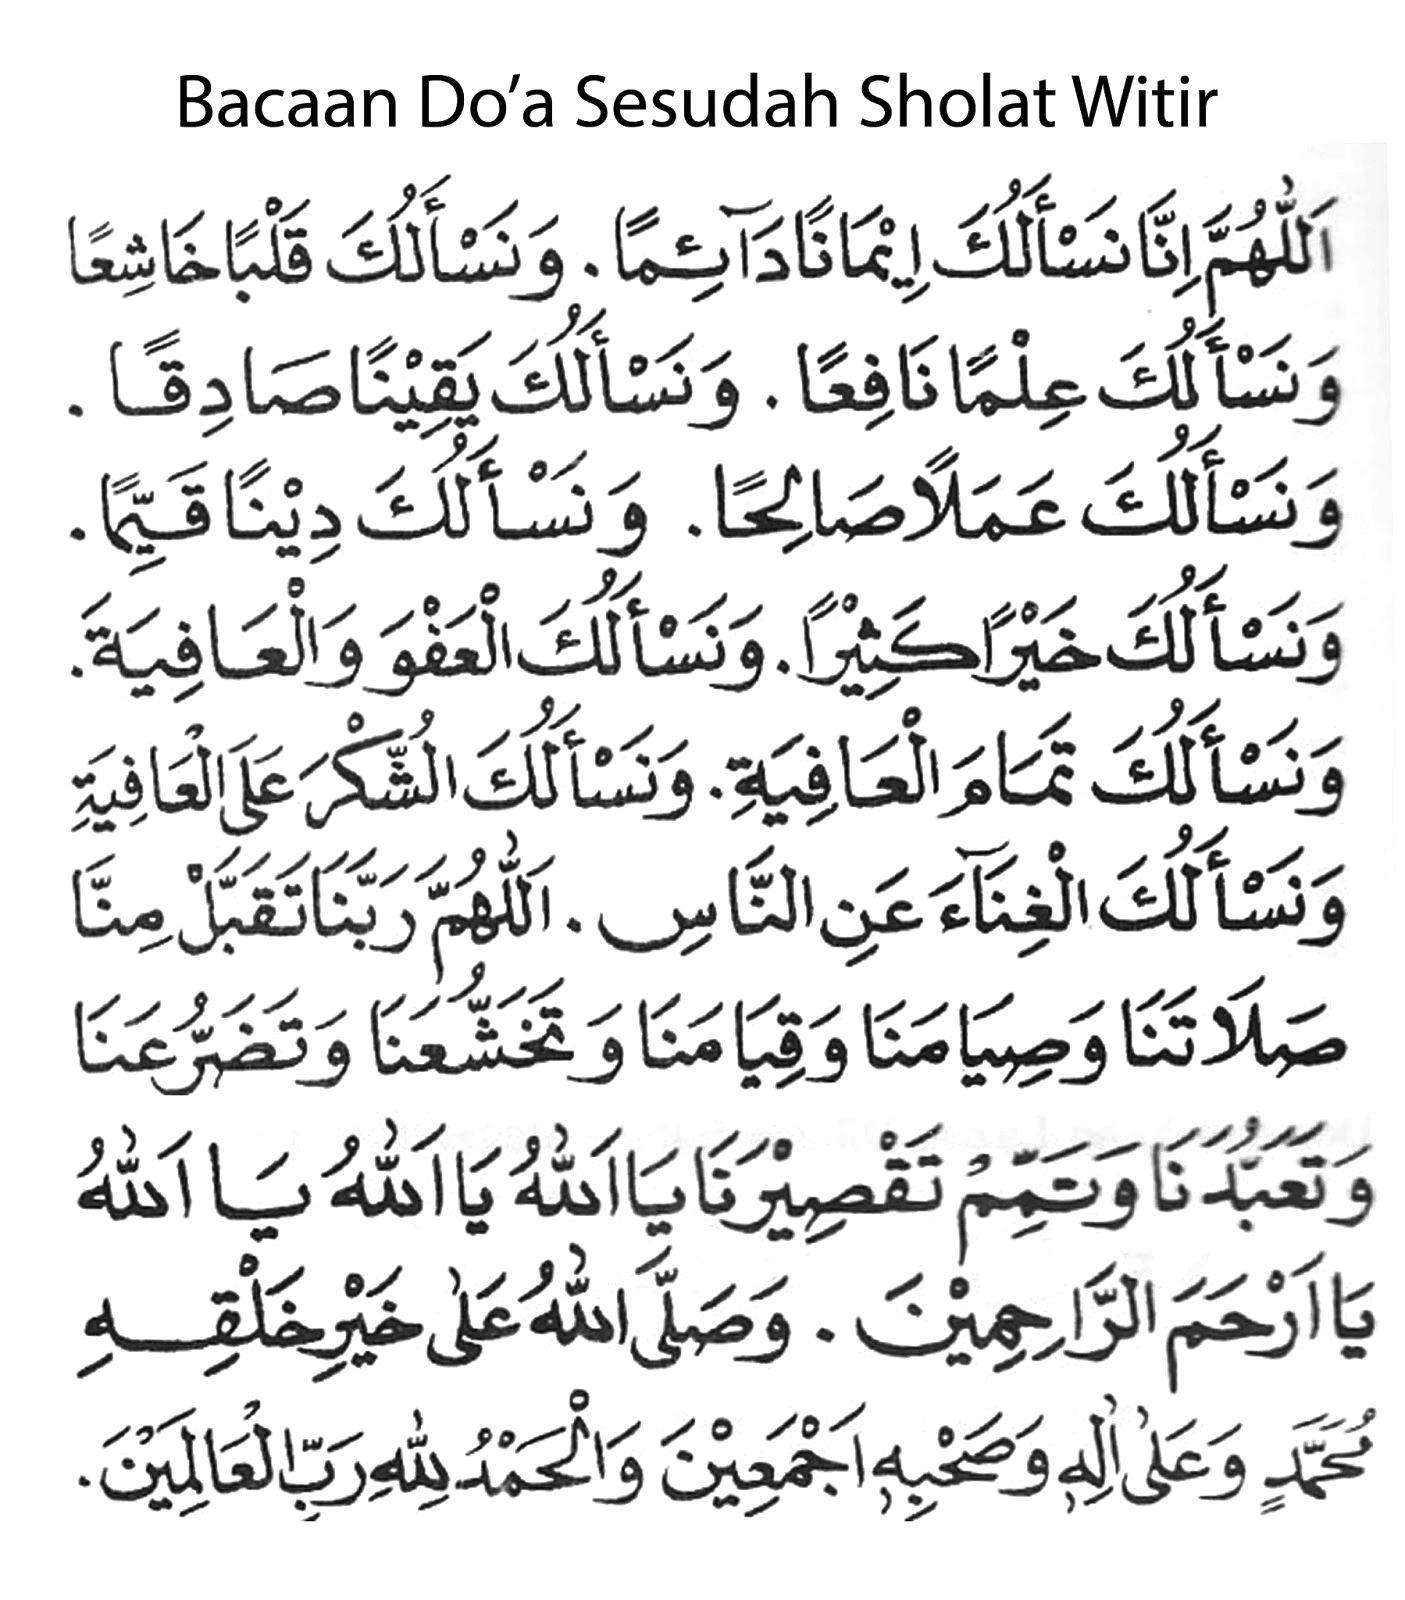 Sholat Witir Adalah Sholat Penutup Sholat Tahajud Dan Tarawih Ketika Ramadhan Sholat Tersebut Memiliki Doa Dan Inil Doa Islam Solat Quran Quotes Inspirational